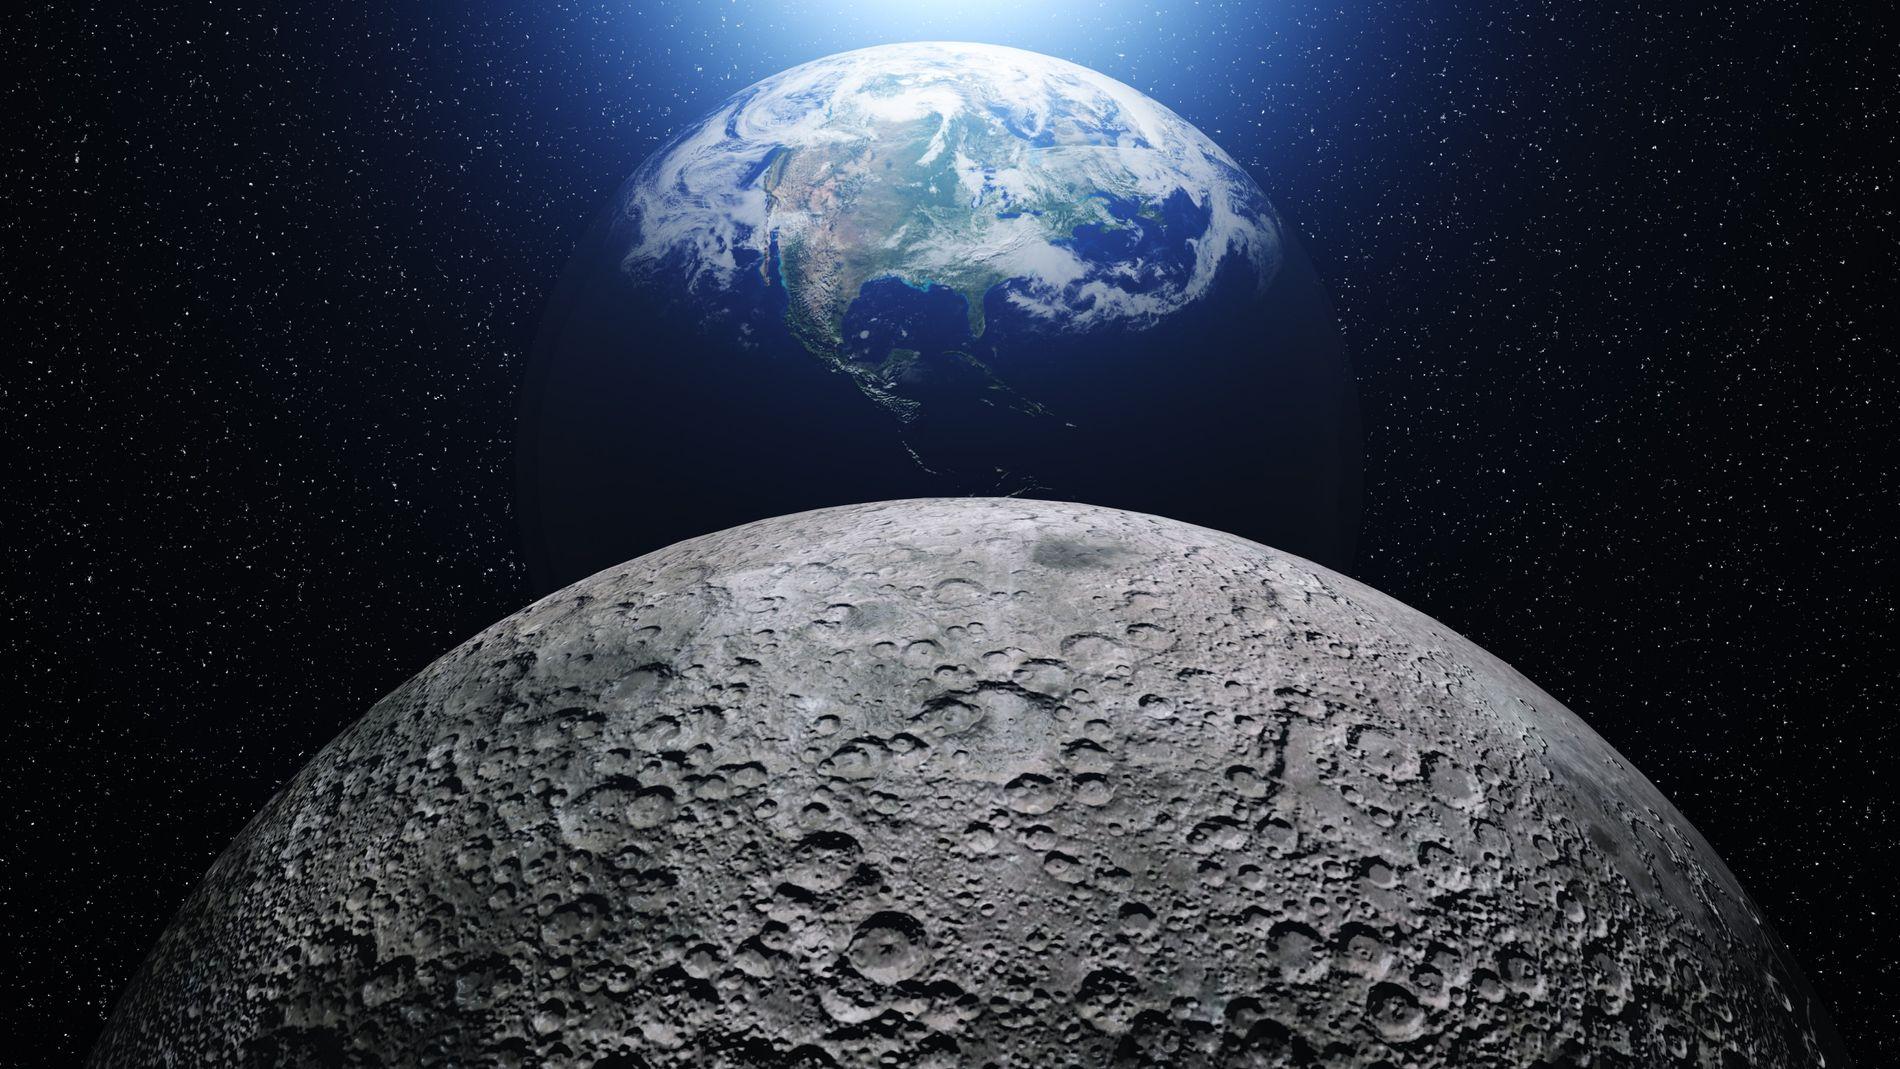 La conquête de la Lune constituerait une grande première pour le continent européen. De quoi affirmer ...